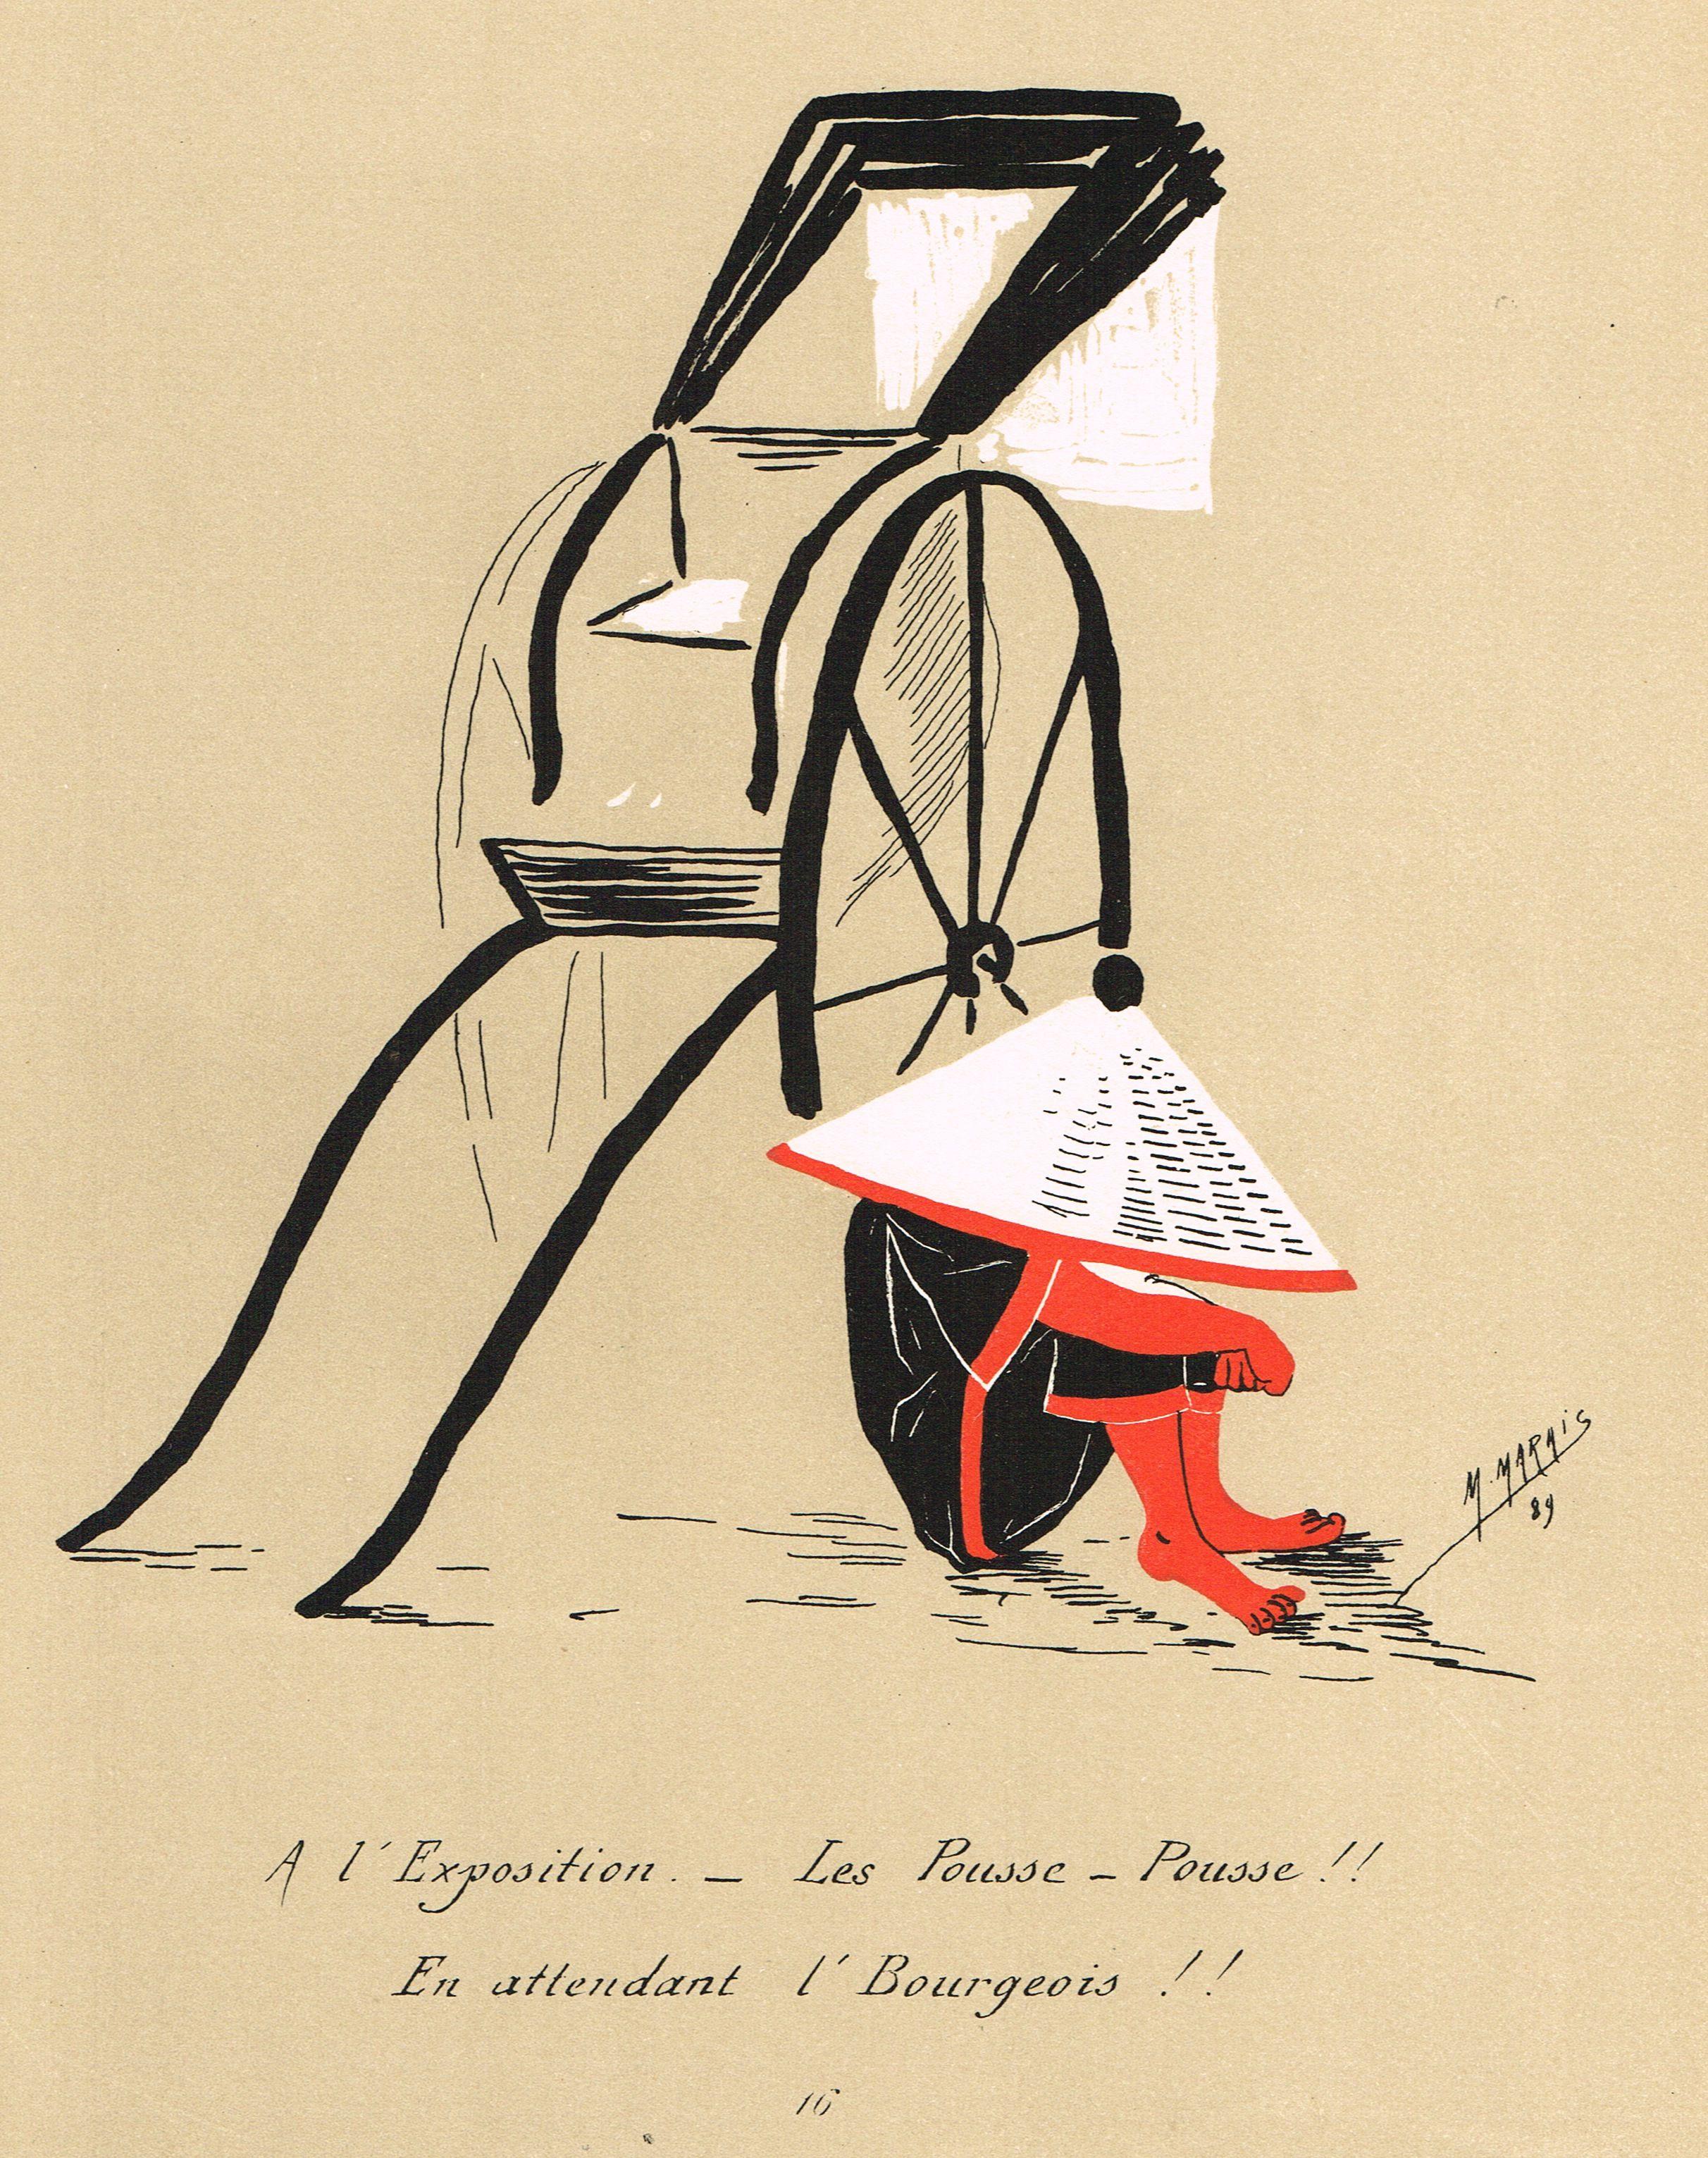 """""""A l'Exposition. - Les Pousse - Pousse !! En attendant l'Bourgeois !!"""" - Silhouettes Fantaisistes par Maurice MARAIS - 2ème série - planche 16 - MAS Estampes Anciennes - MAS Antique Prints"""